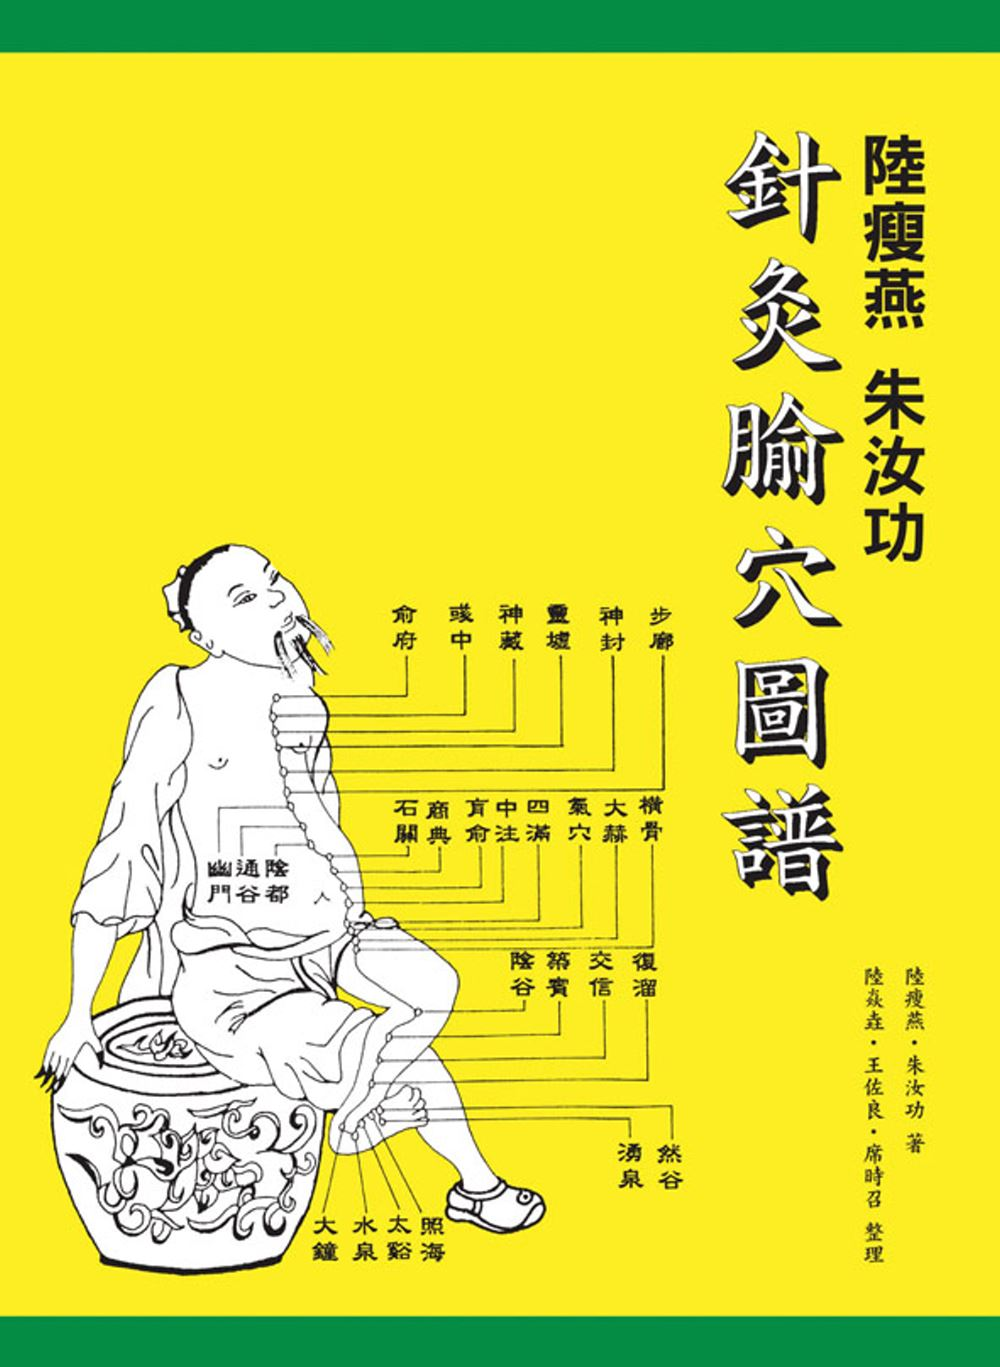 陸瘦燕 朱汝功 針灸腧穴圖譜